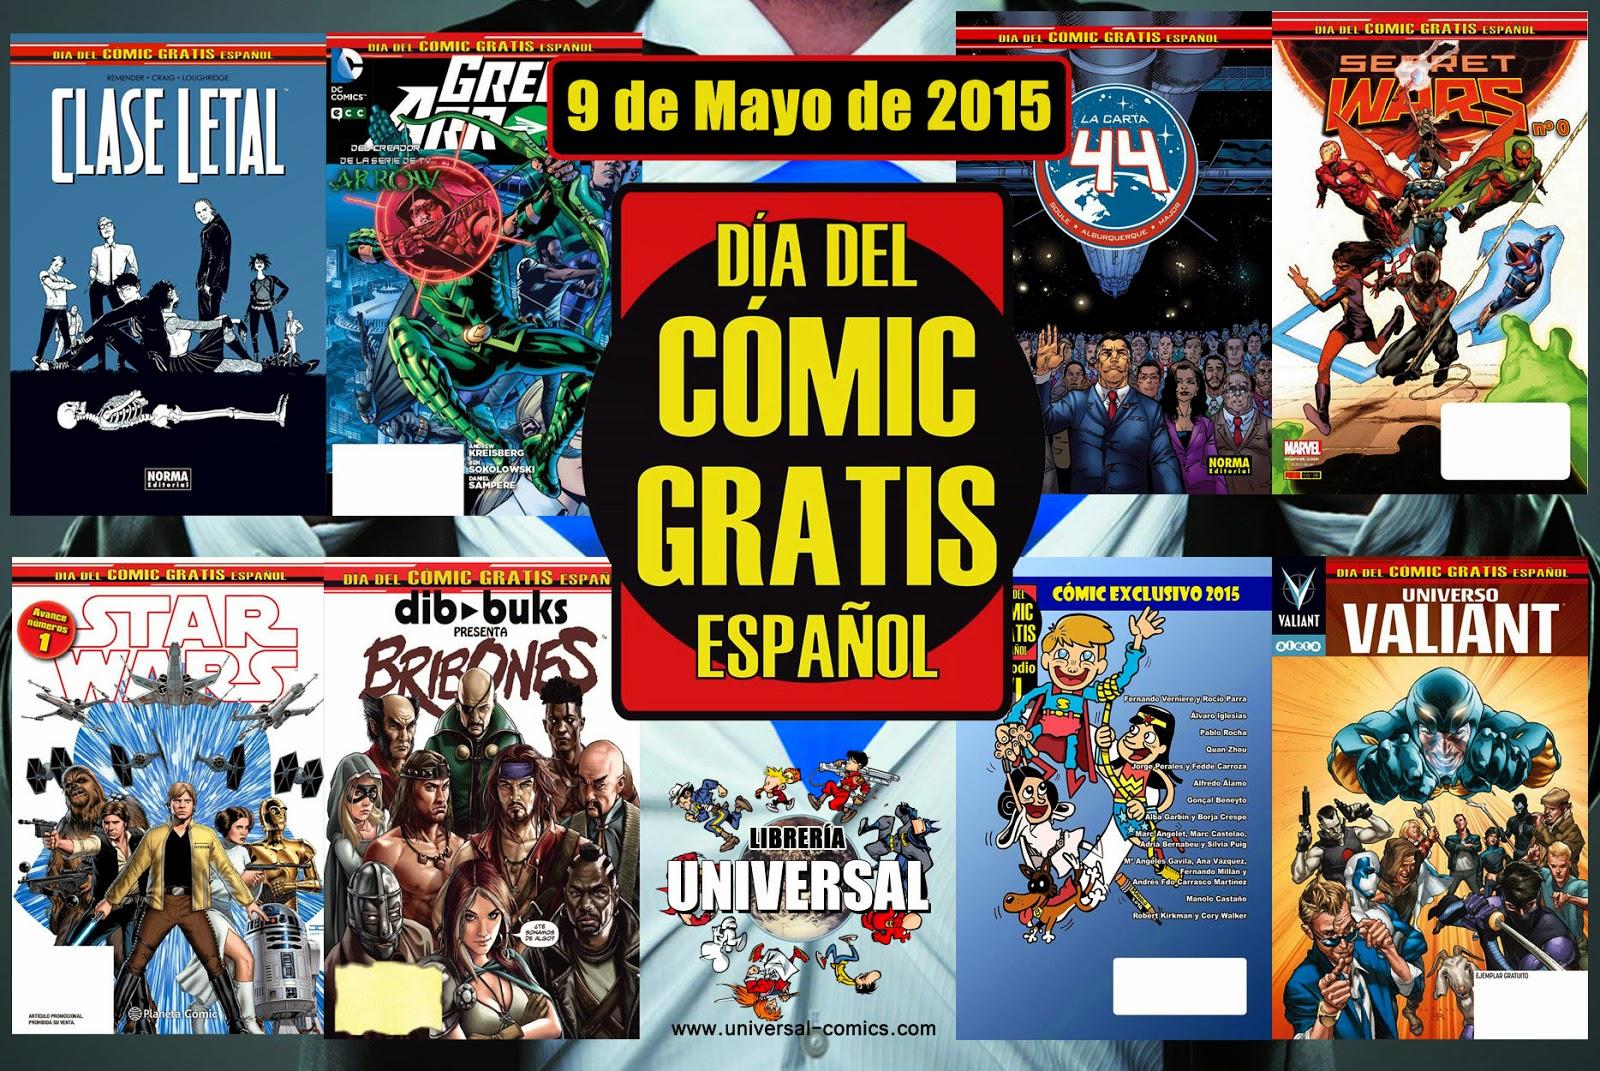 Día del Cómic Gratis Español en Librería Universal